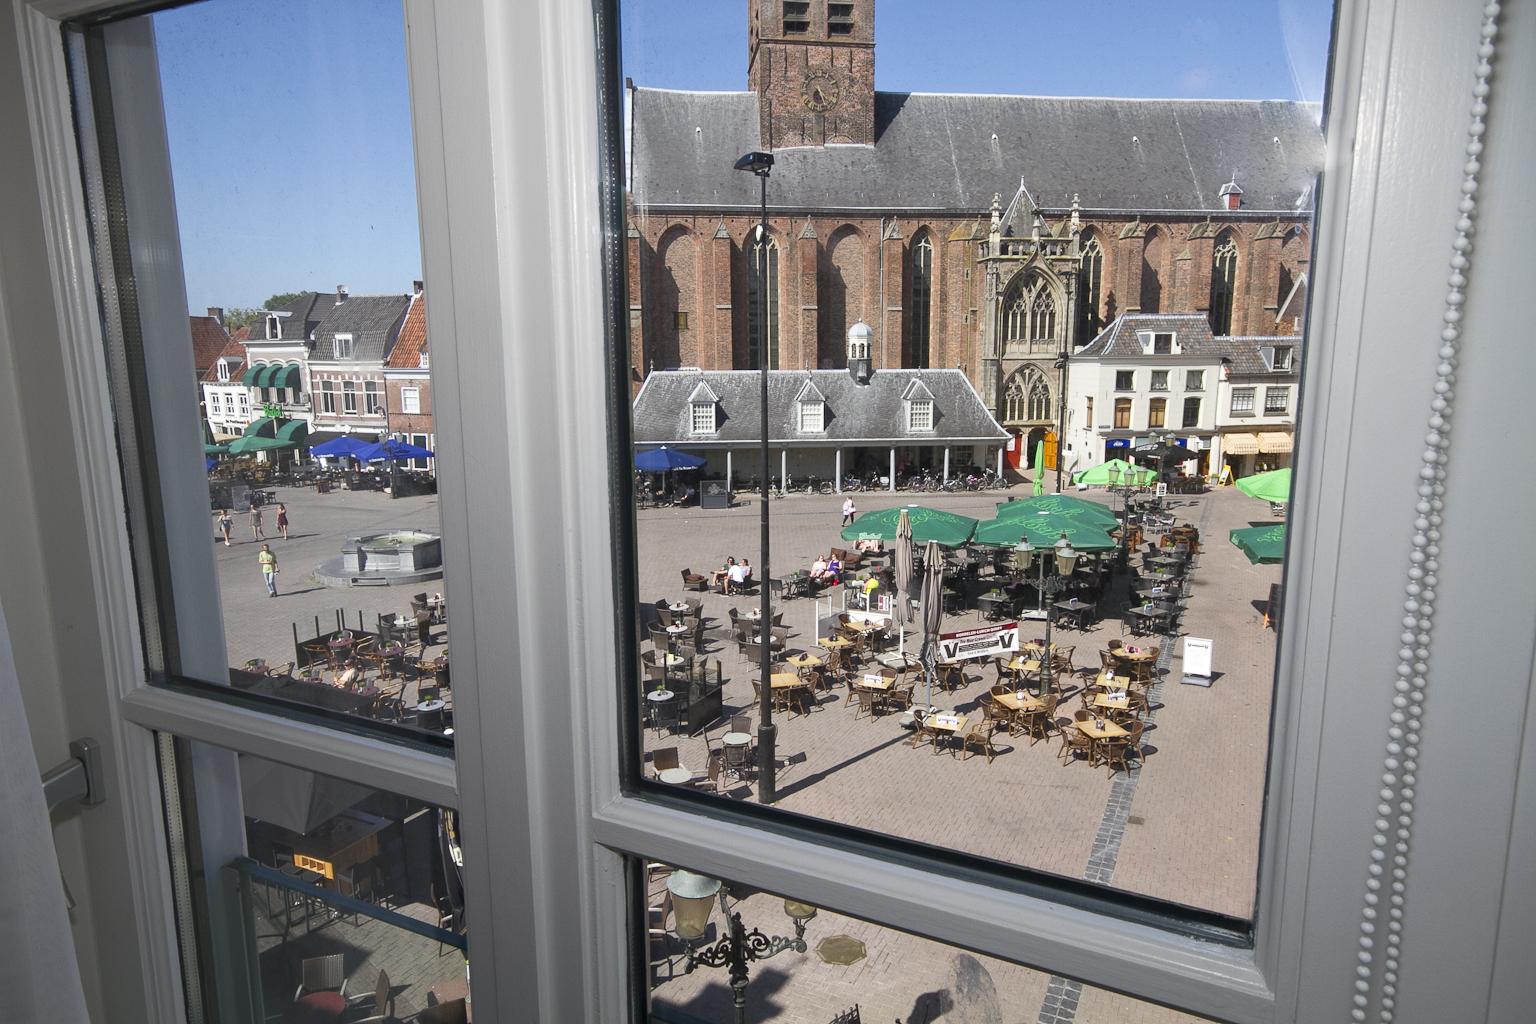 Hotel de Gaaper Amersfoort aan de Hof Amersfoort uitzicht